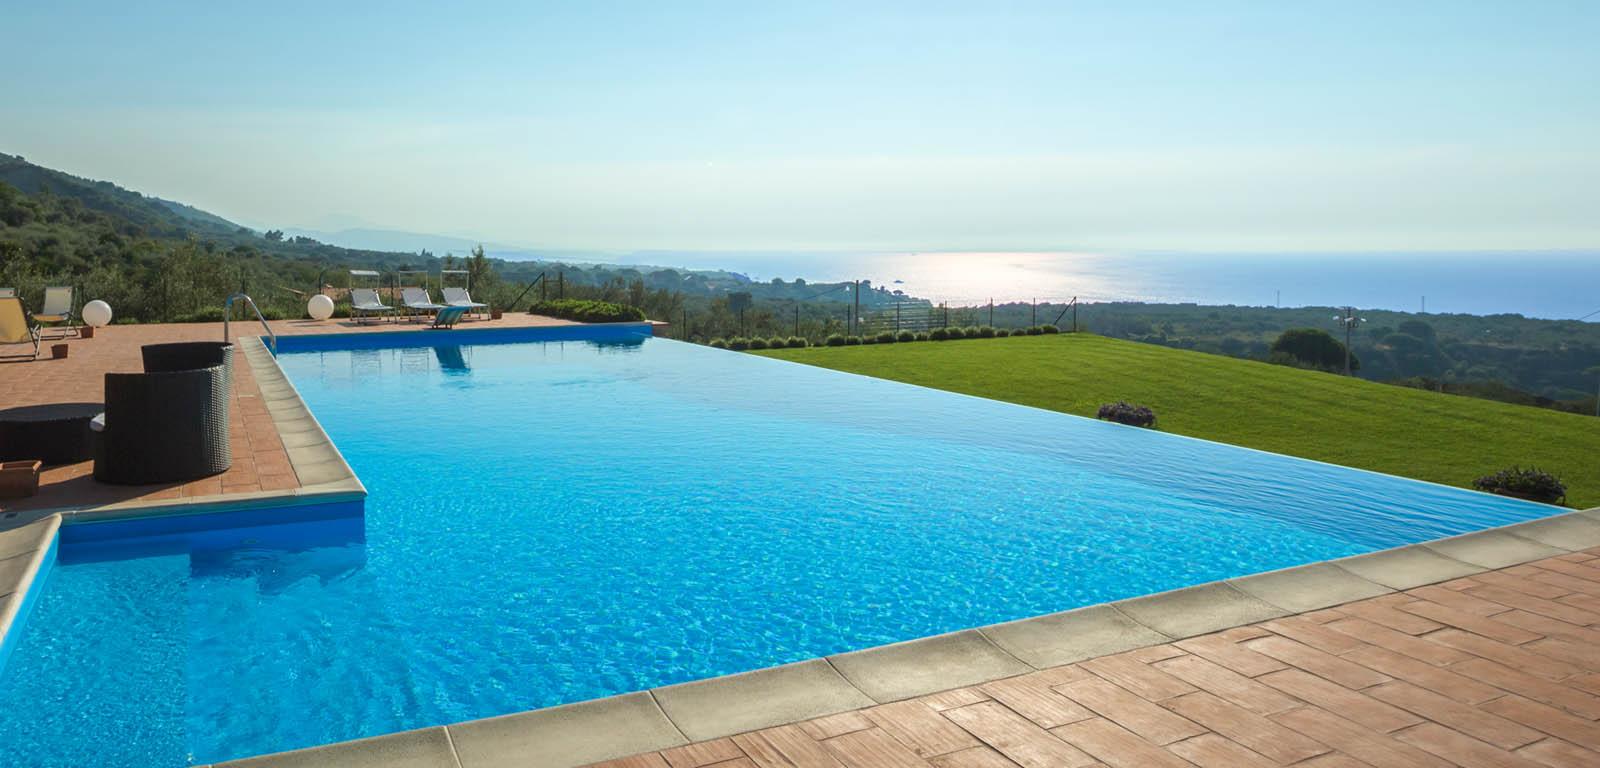 Piscine con cascata piscine castiglione for Castiglione piscine